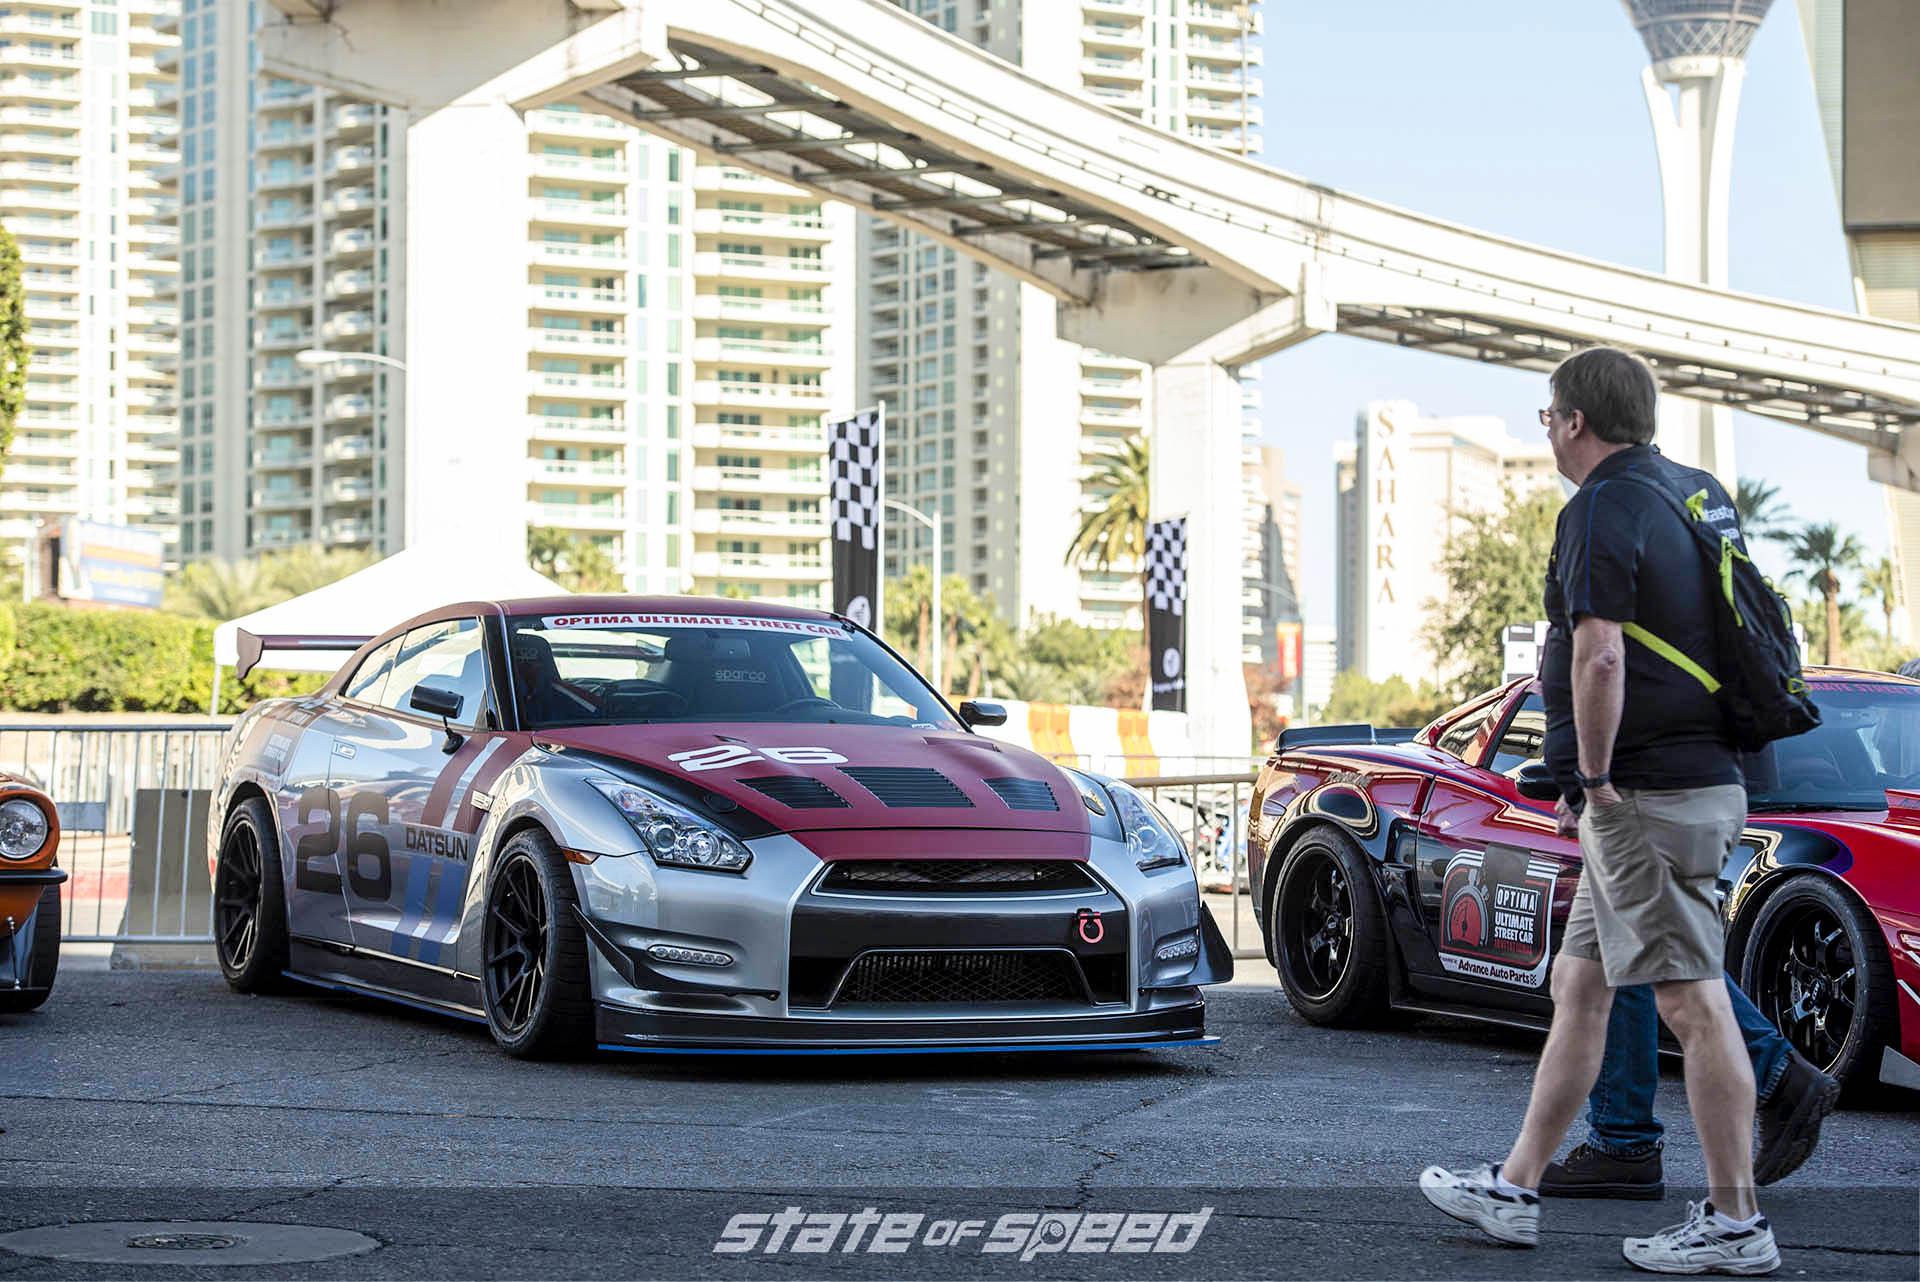 Race ready Nissan GTR R35